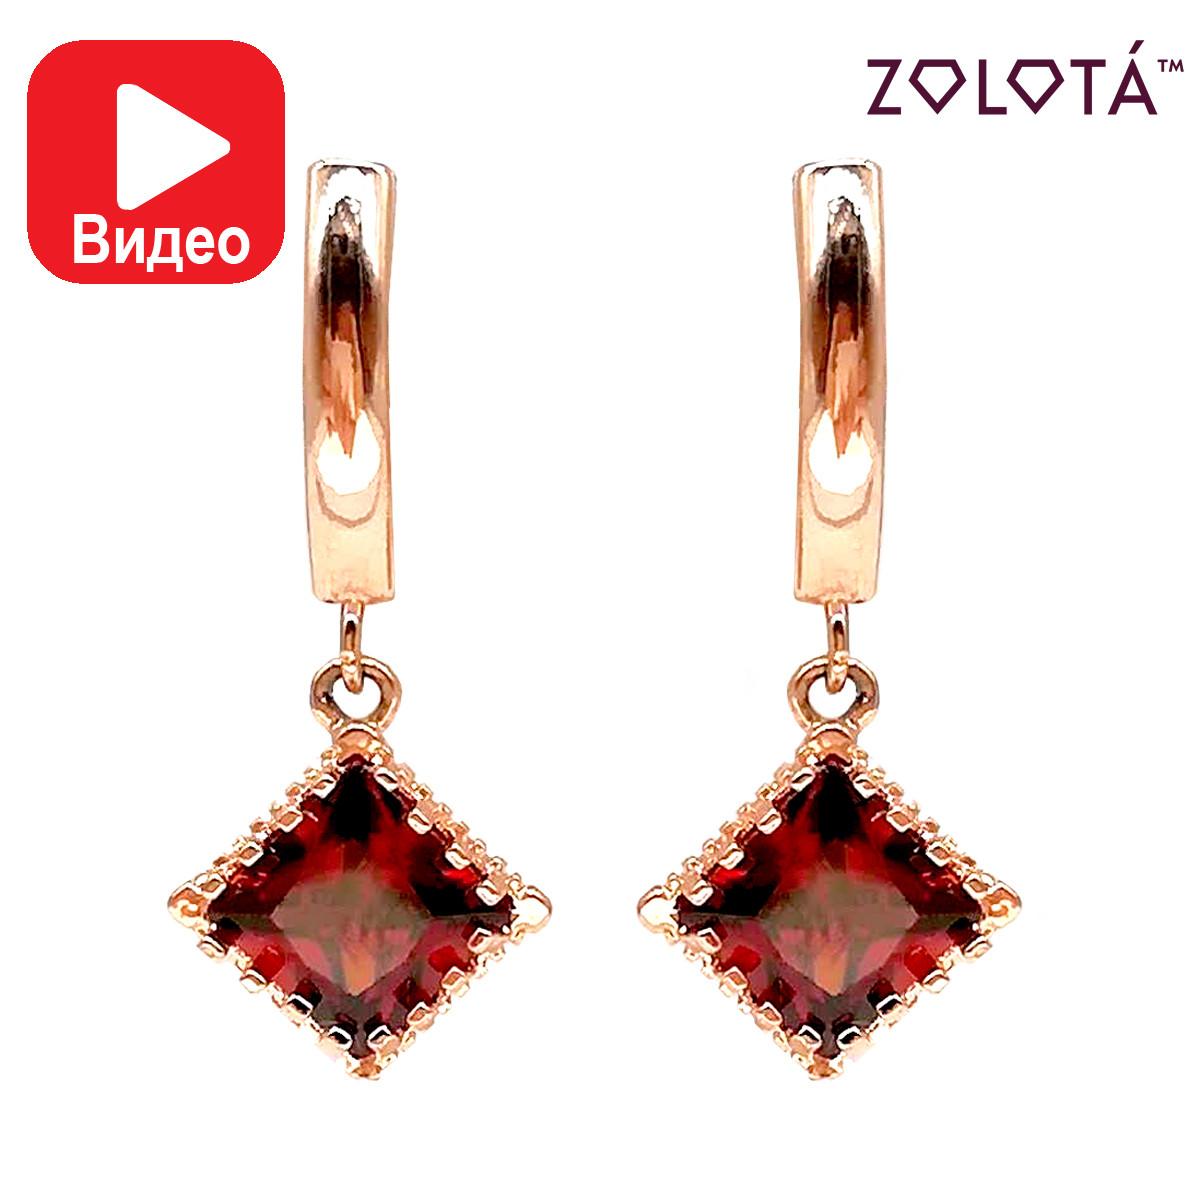 Сережки Zolota з темно-червоними фіанітами (куб. цирконієм), з медичного золота, в позолоті, ЗЛ00445 (1)